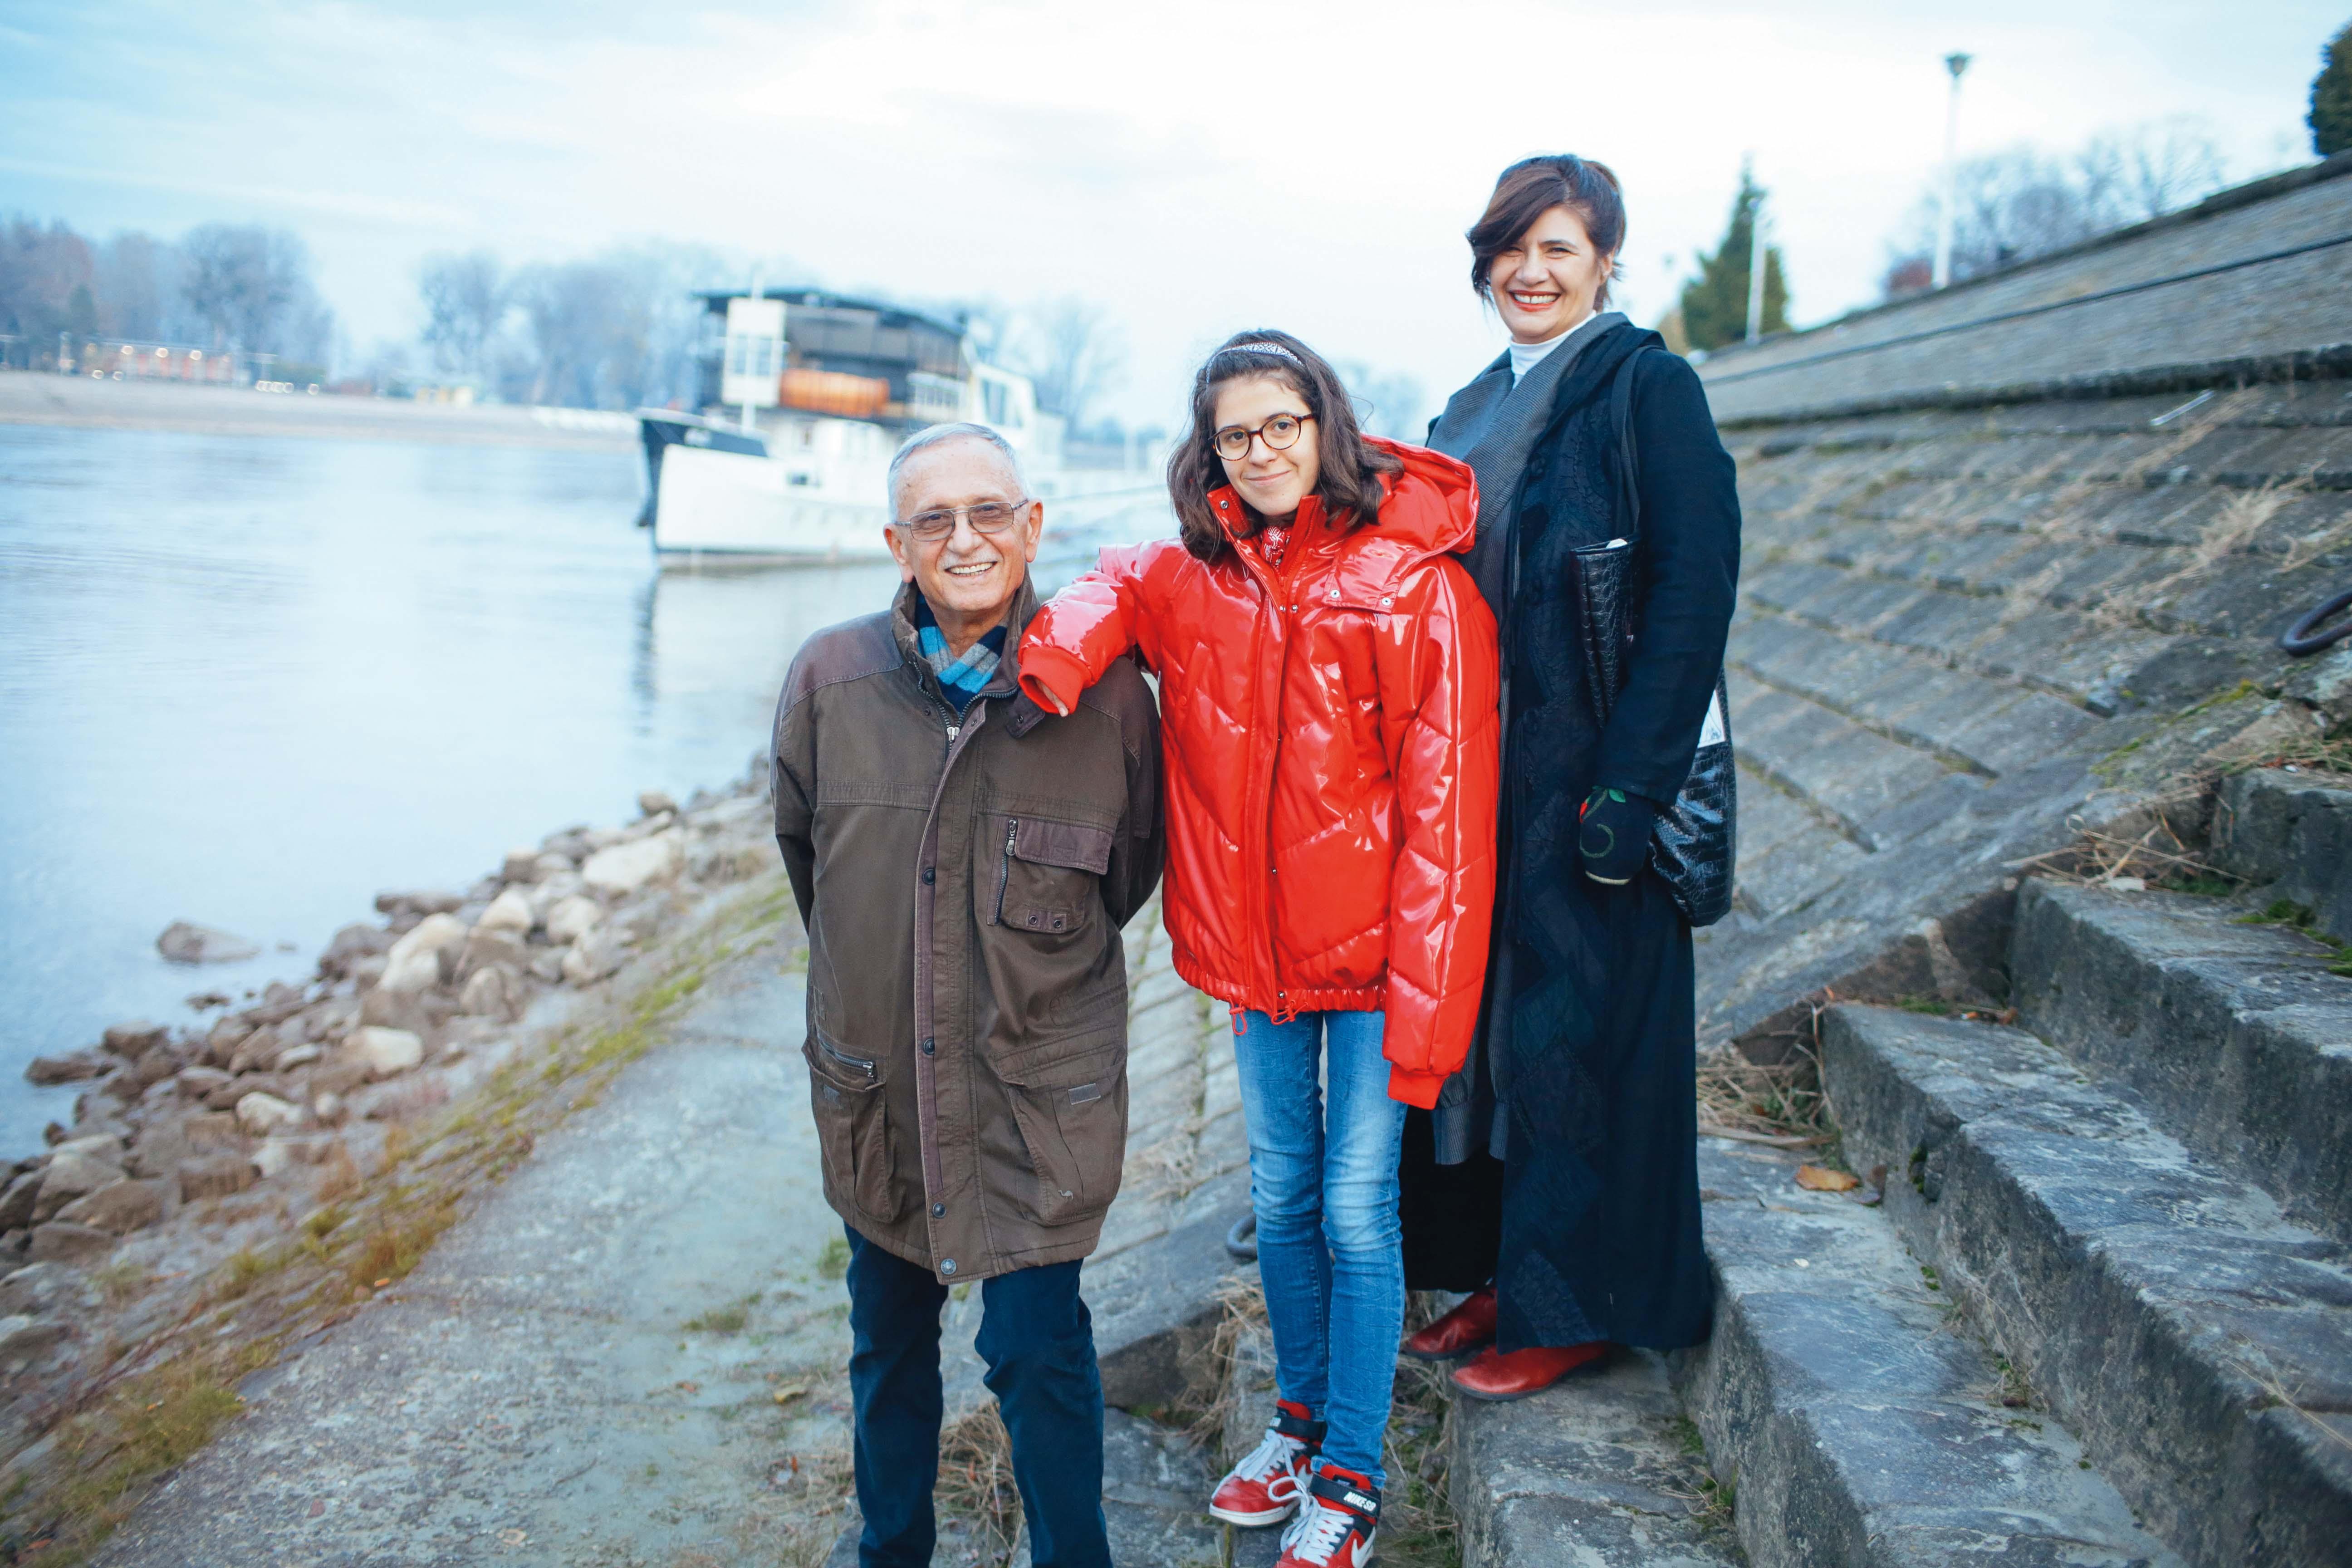 pavao Pavličić, magdalena Živković i Julijana Matanović u šetnji uz Dravu